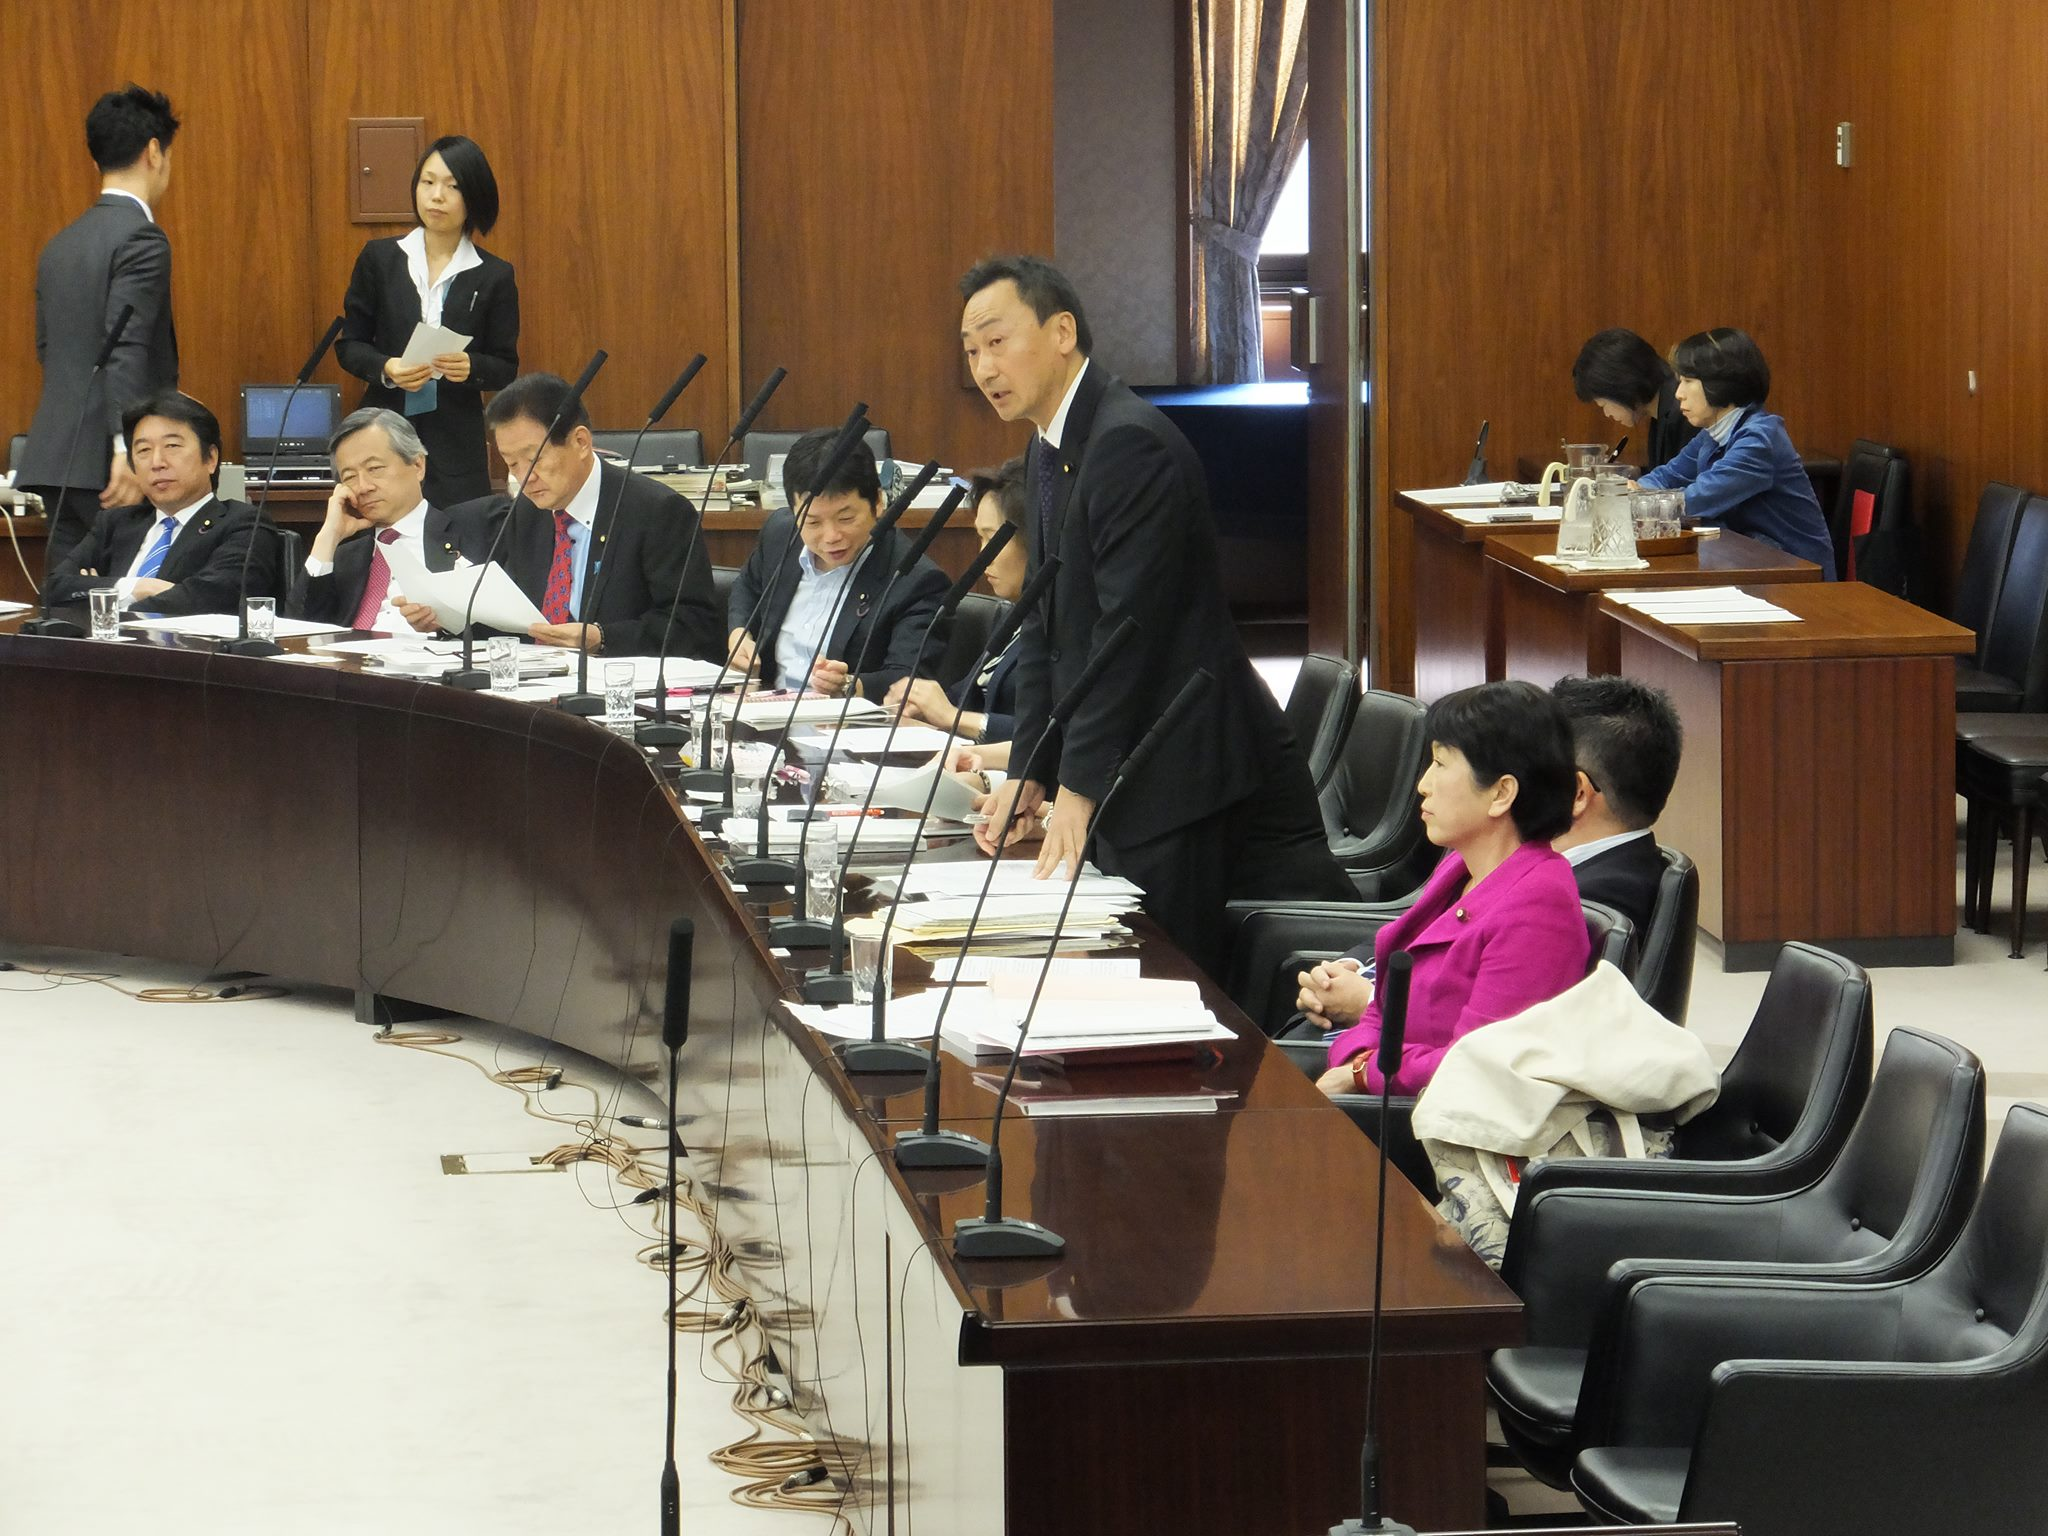 2014.10.28 参議院厚生労働委員会